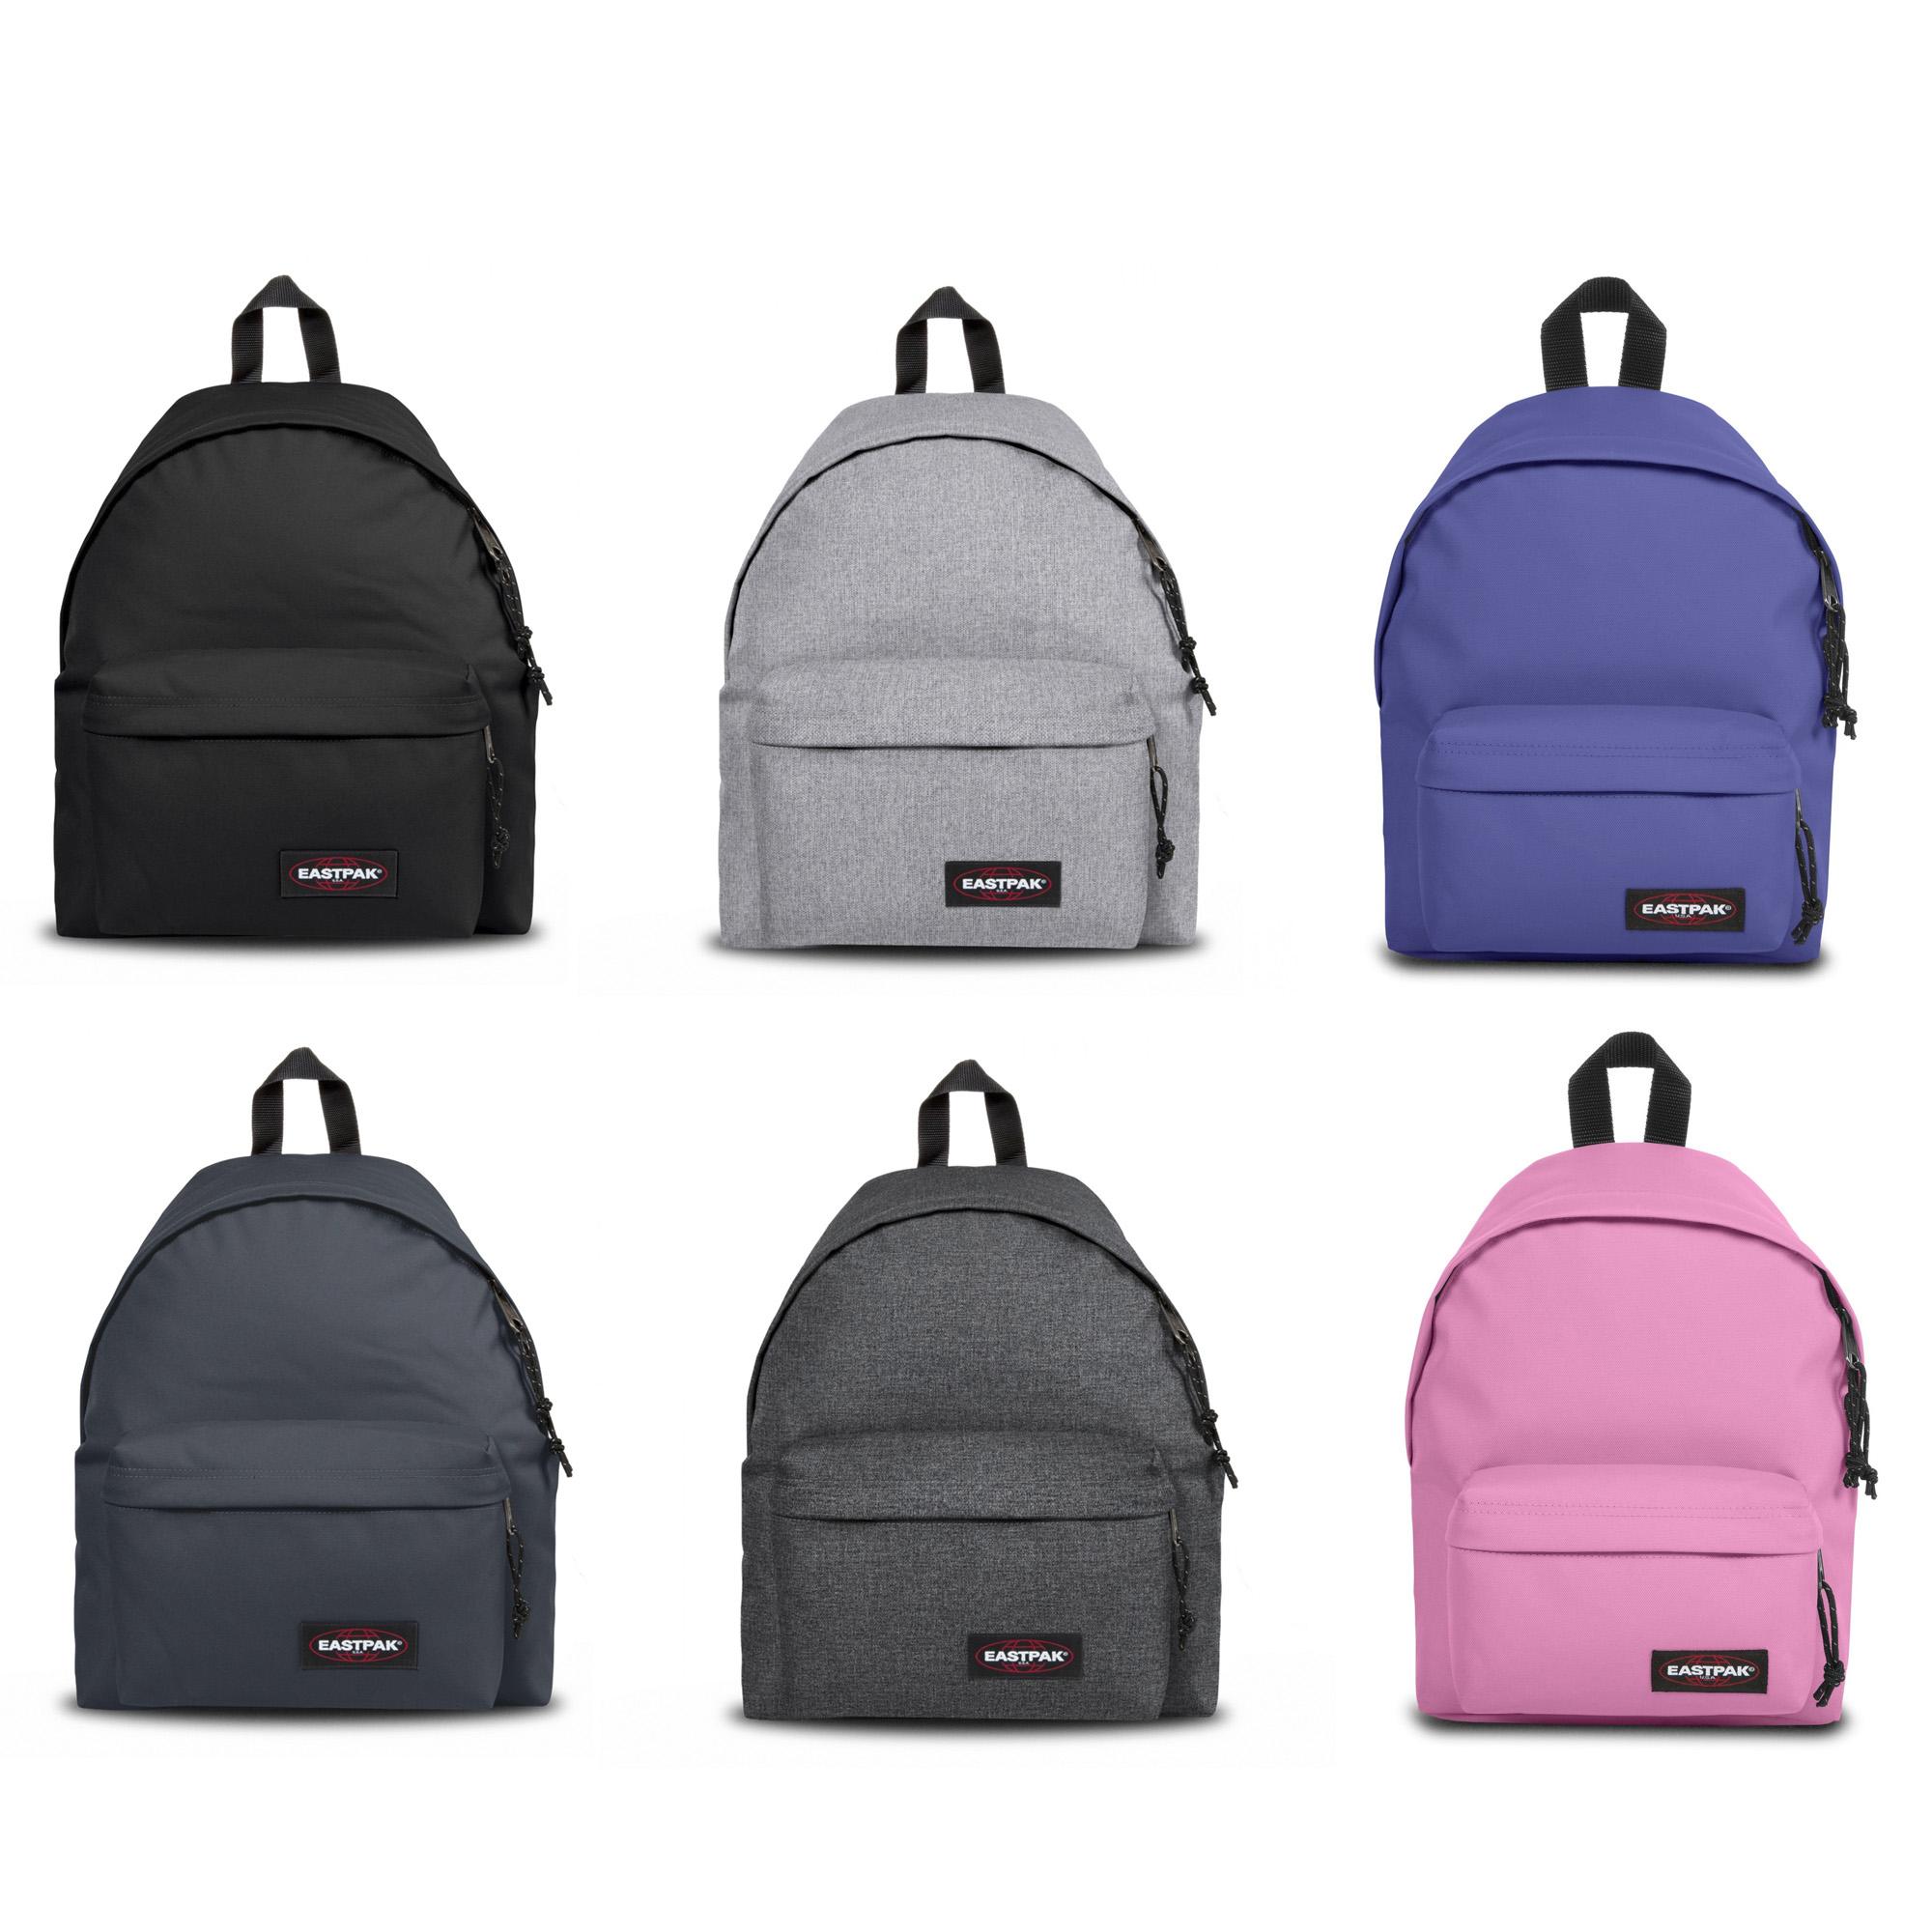 Details about Eastpak Orbit XS Backpack Rucksack School College Travel Bag 56fa291789af2